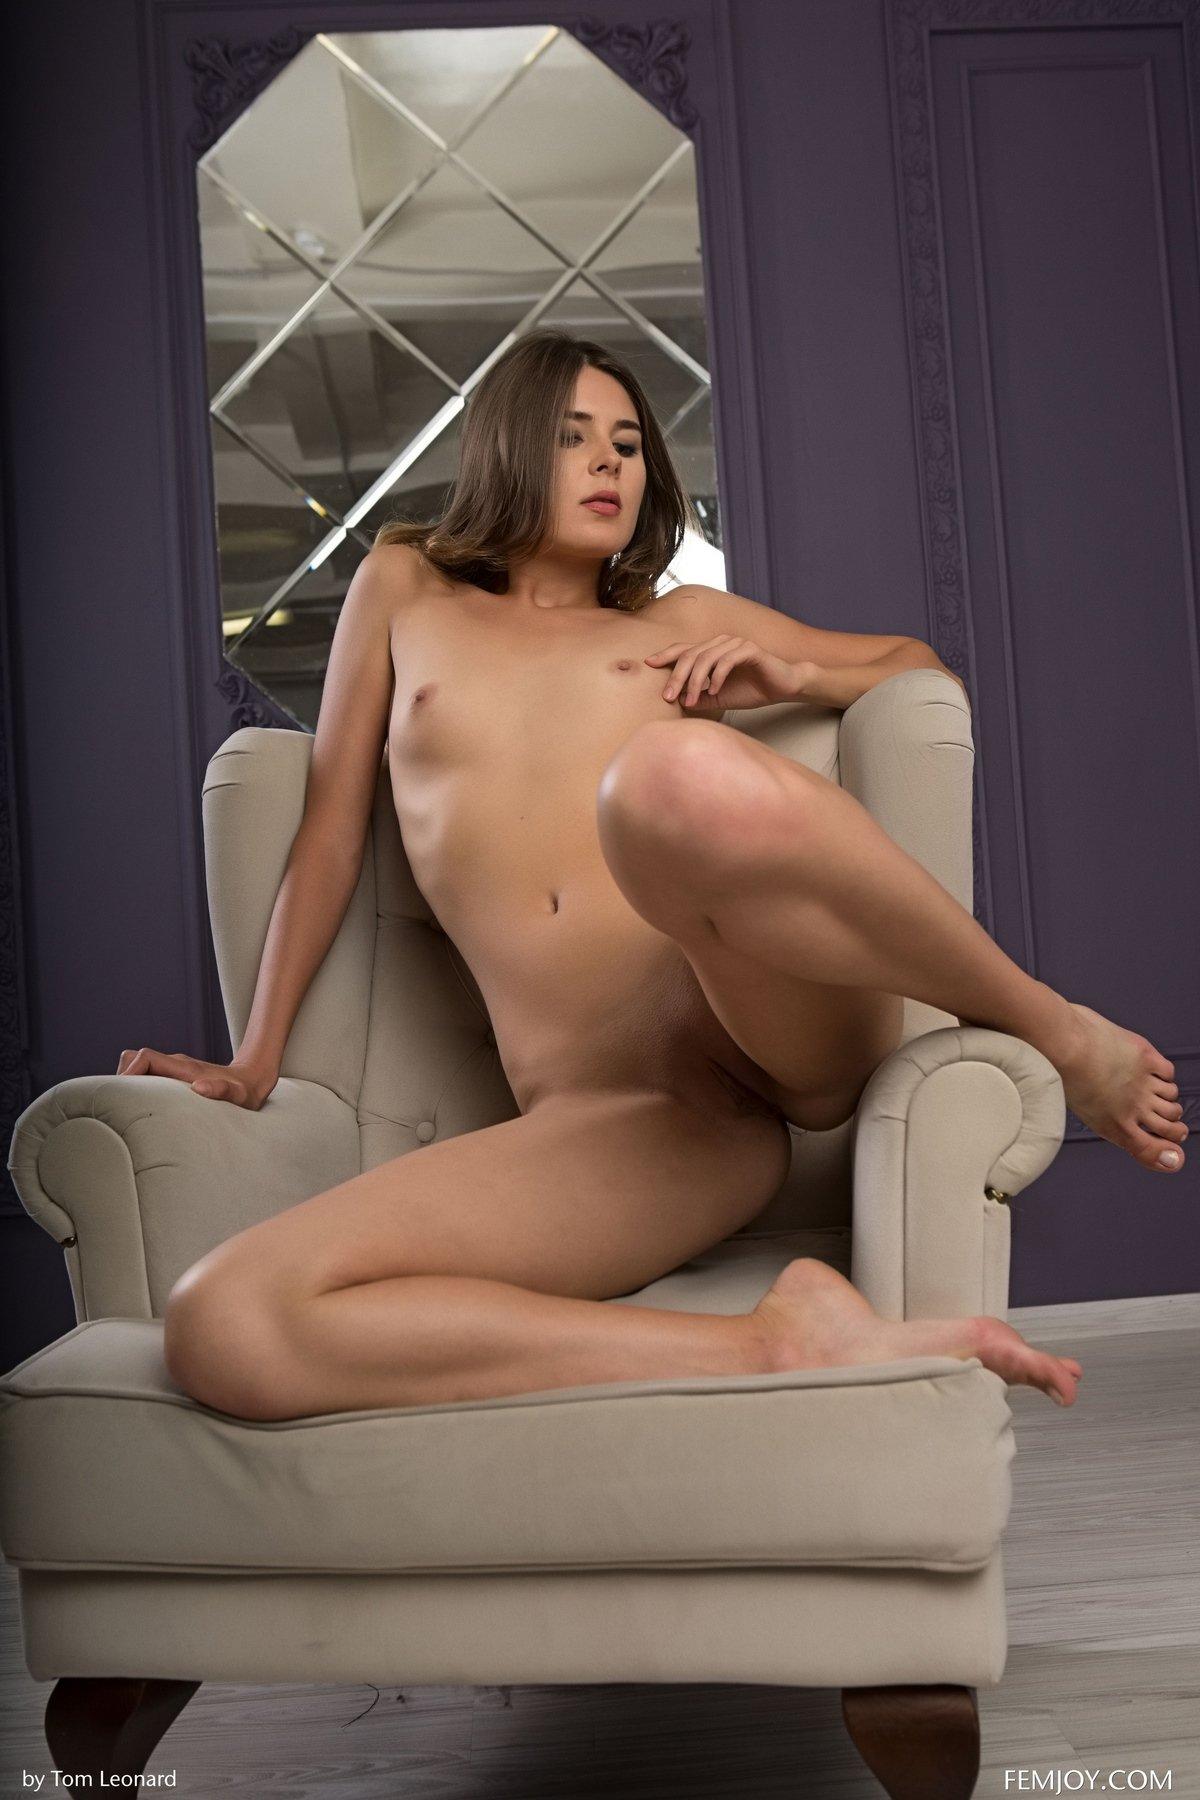 Красивая девушка сняла черное платье и показывает длинные ножки в кресле